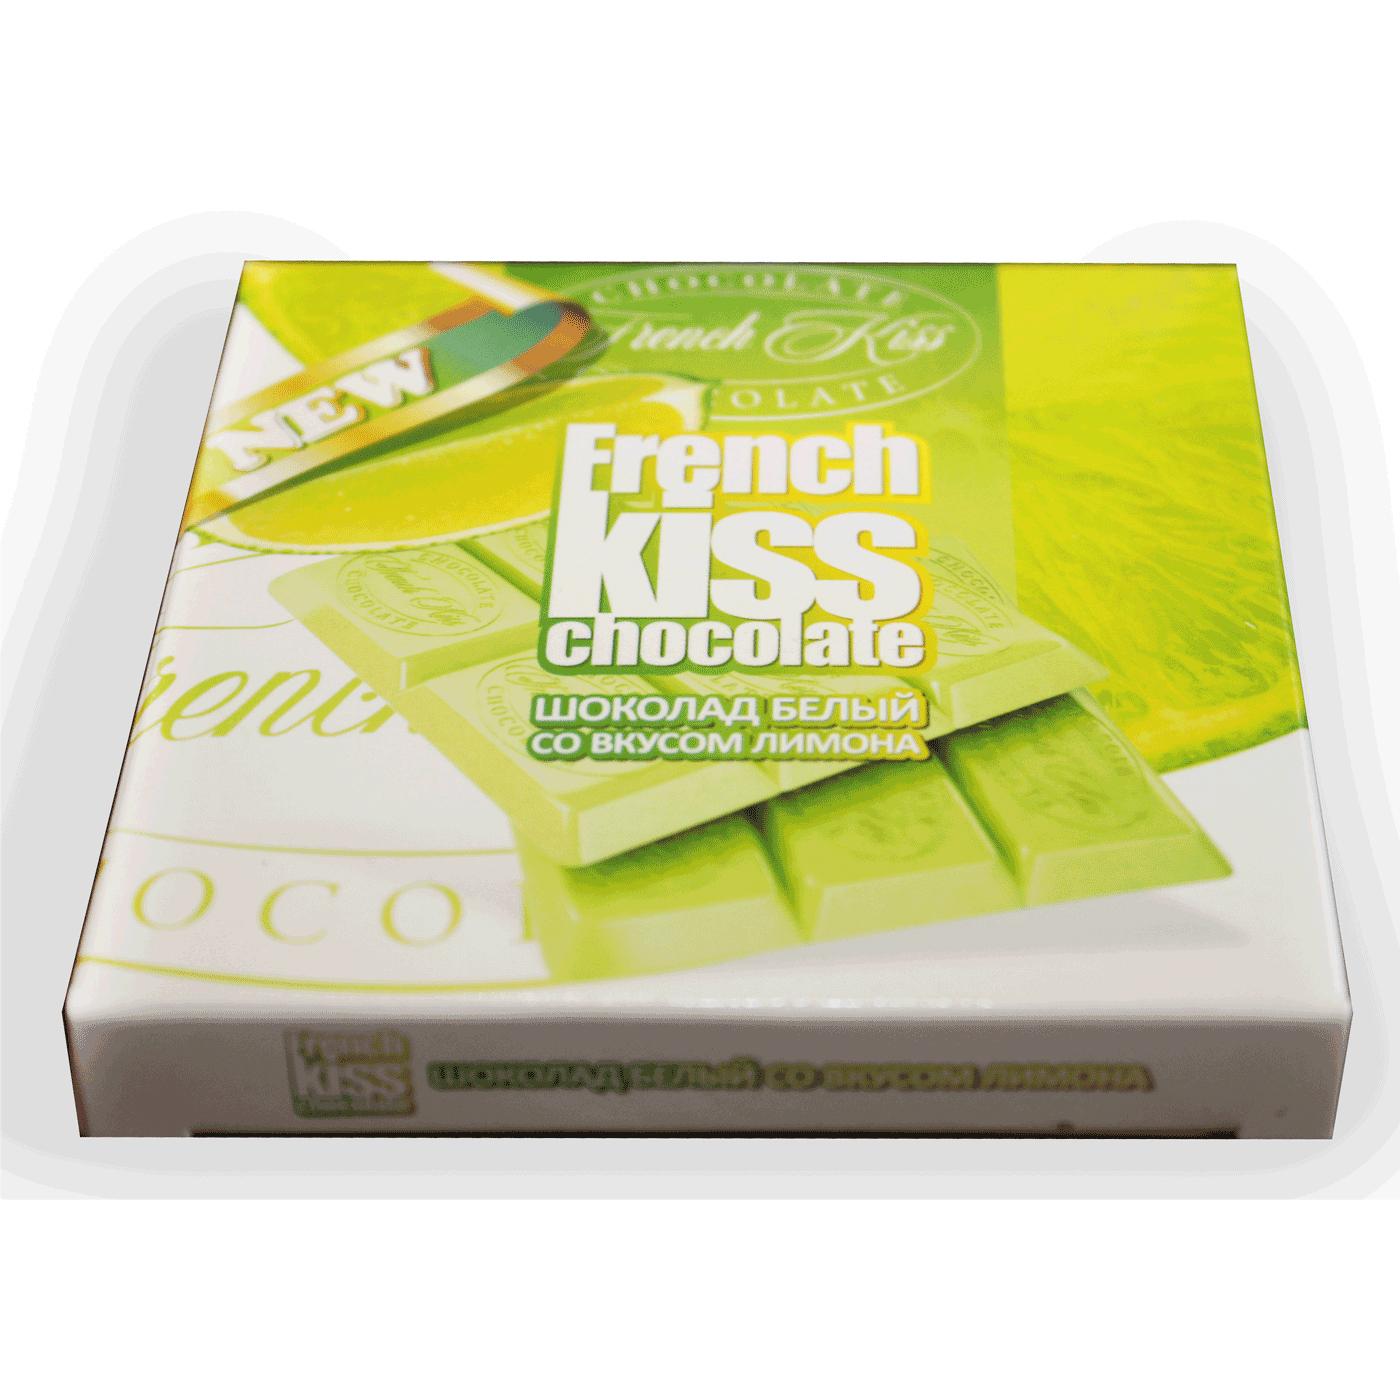 Шоколад белый со вкусом лимона